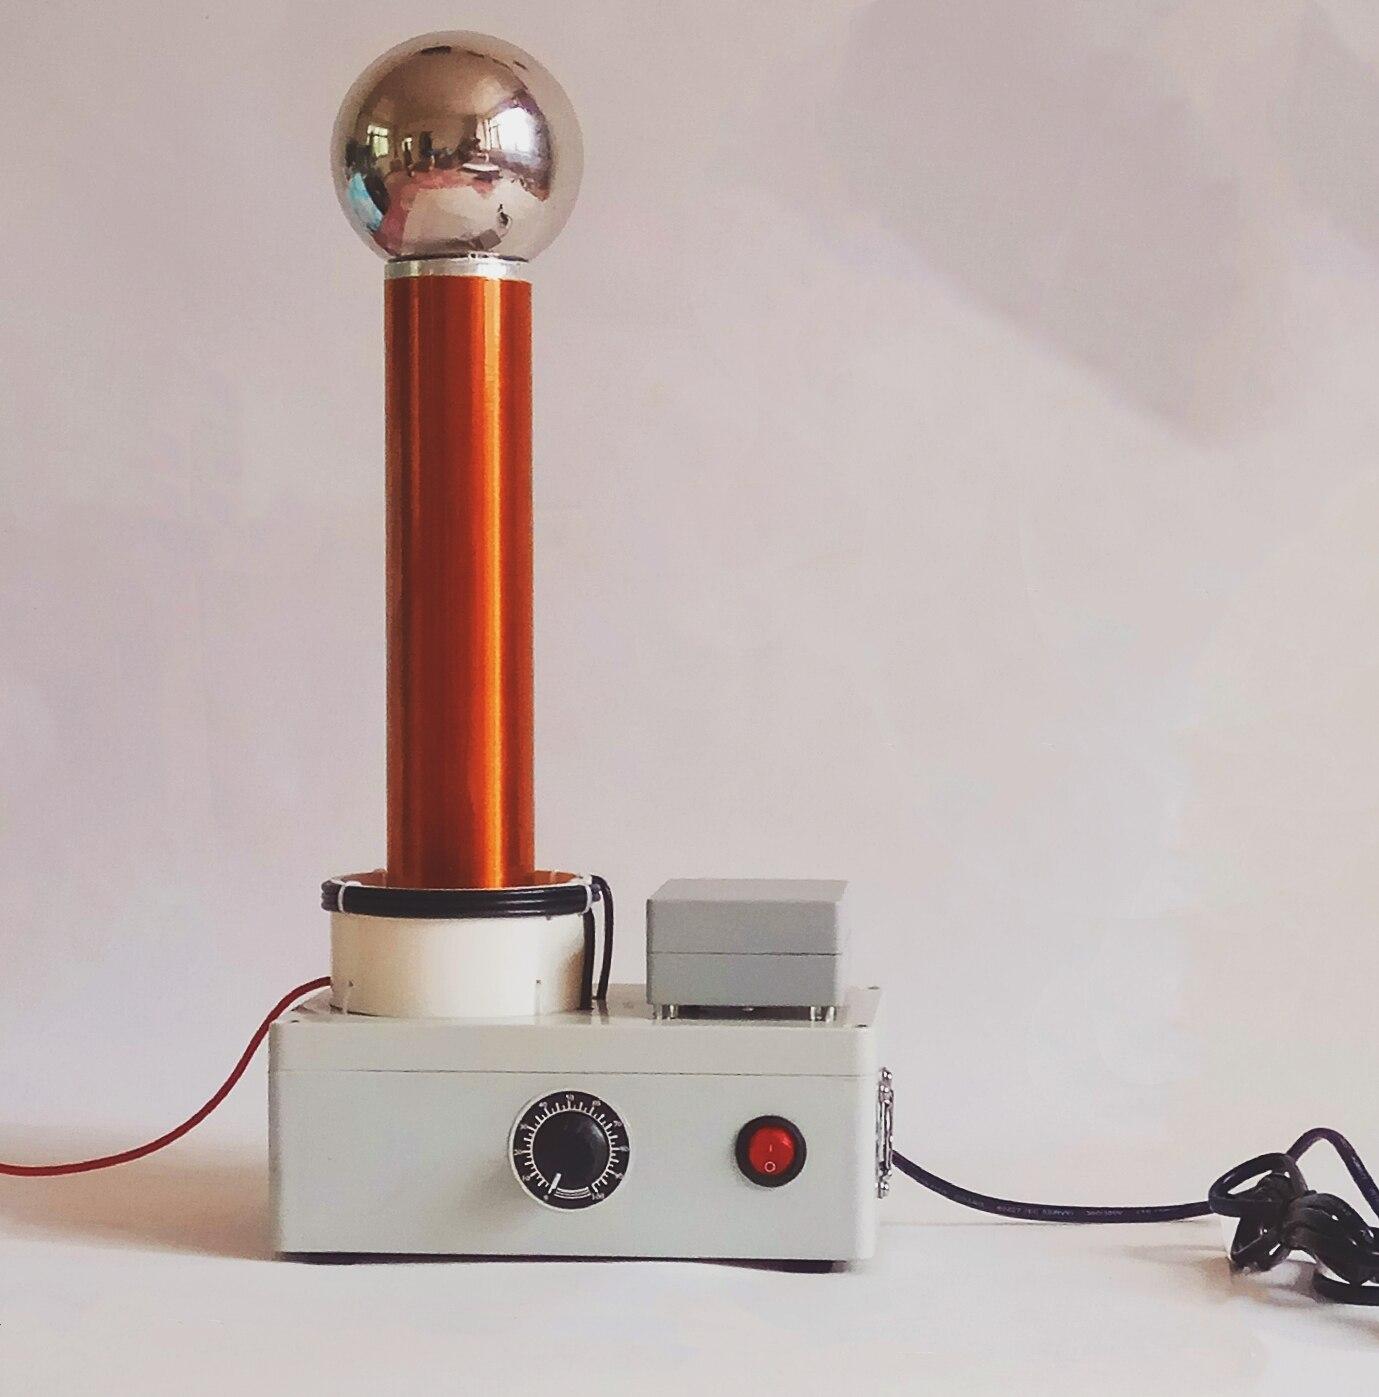 Démonstration du principe de Transmission sans fil AC haute fréquence du simulateur de foudre d'étincelle de bobine Tesla